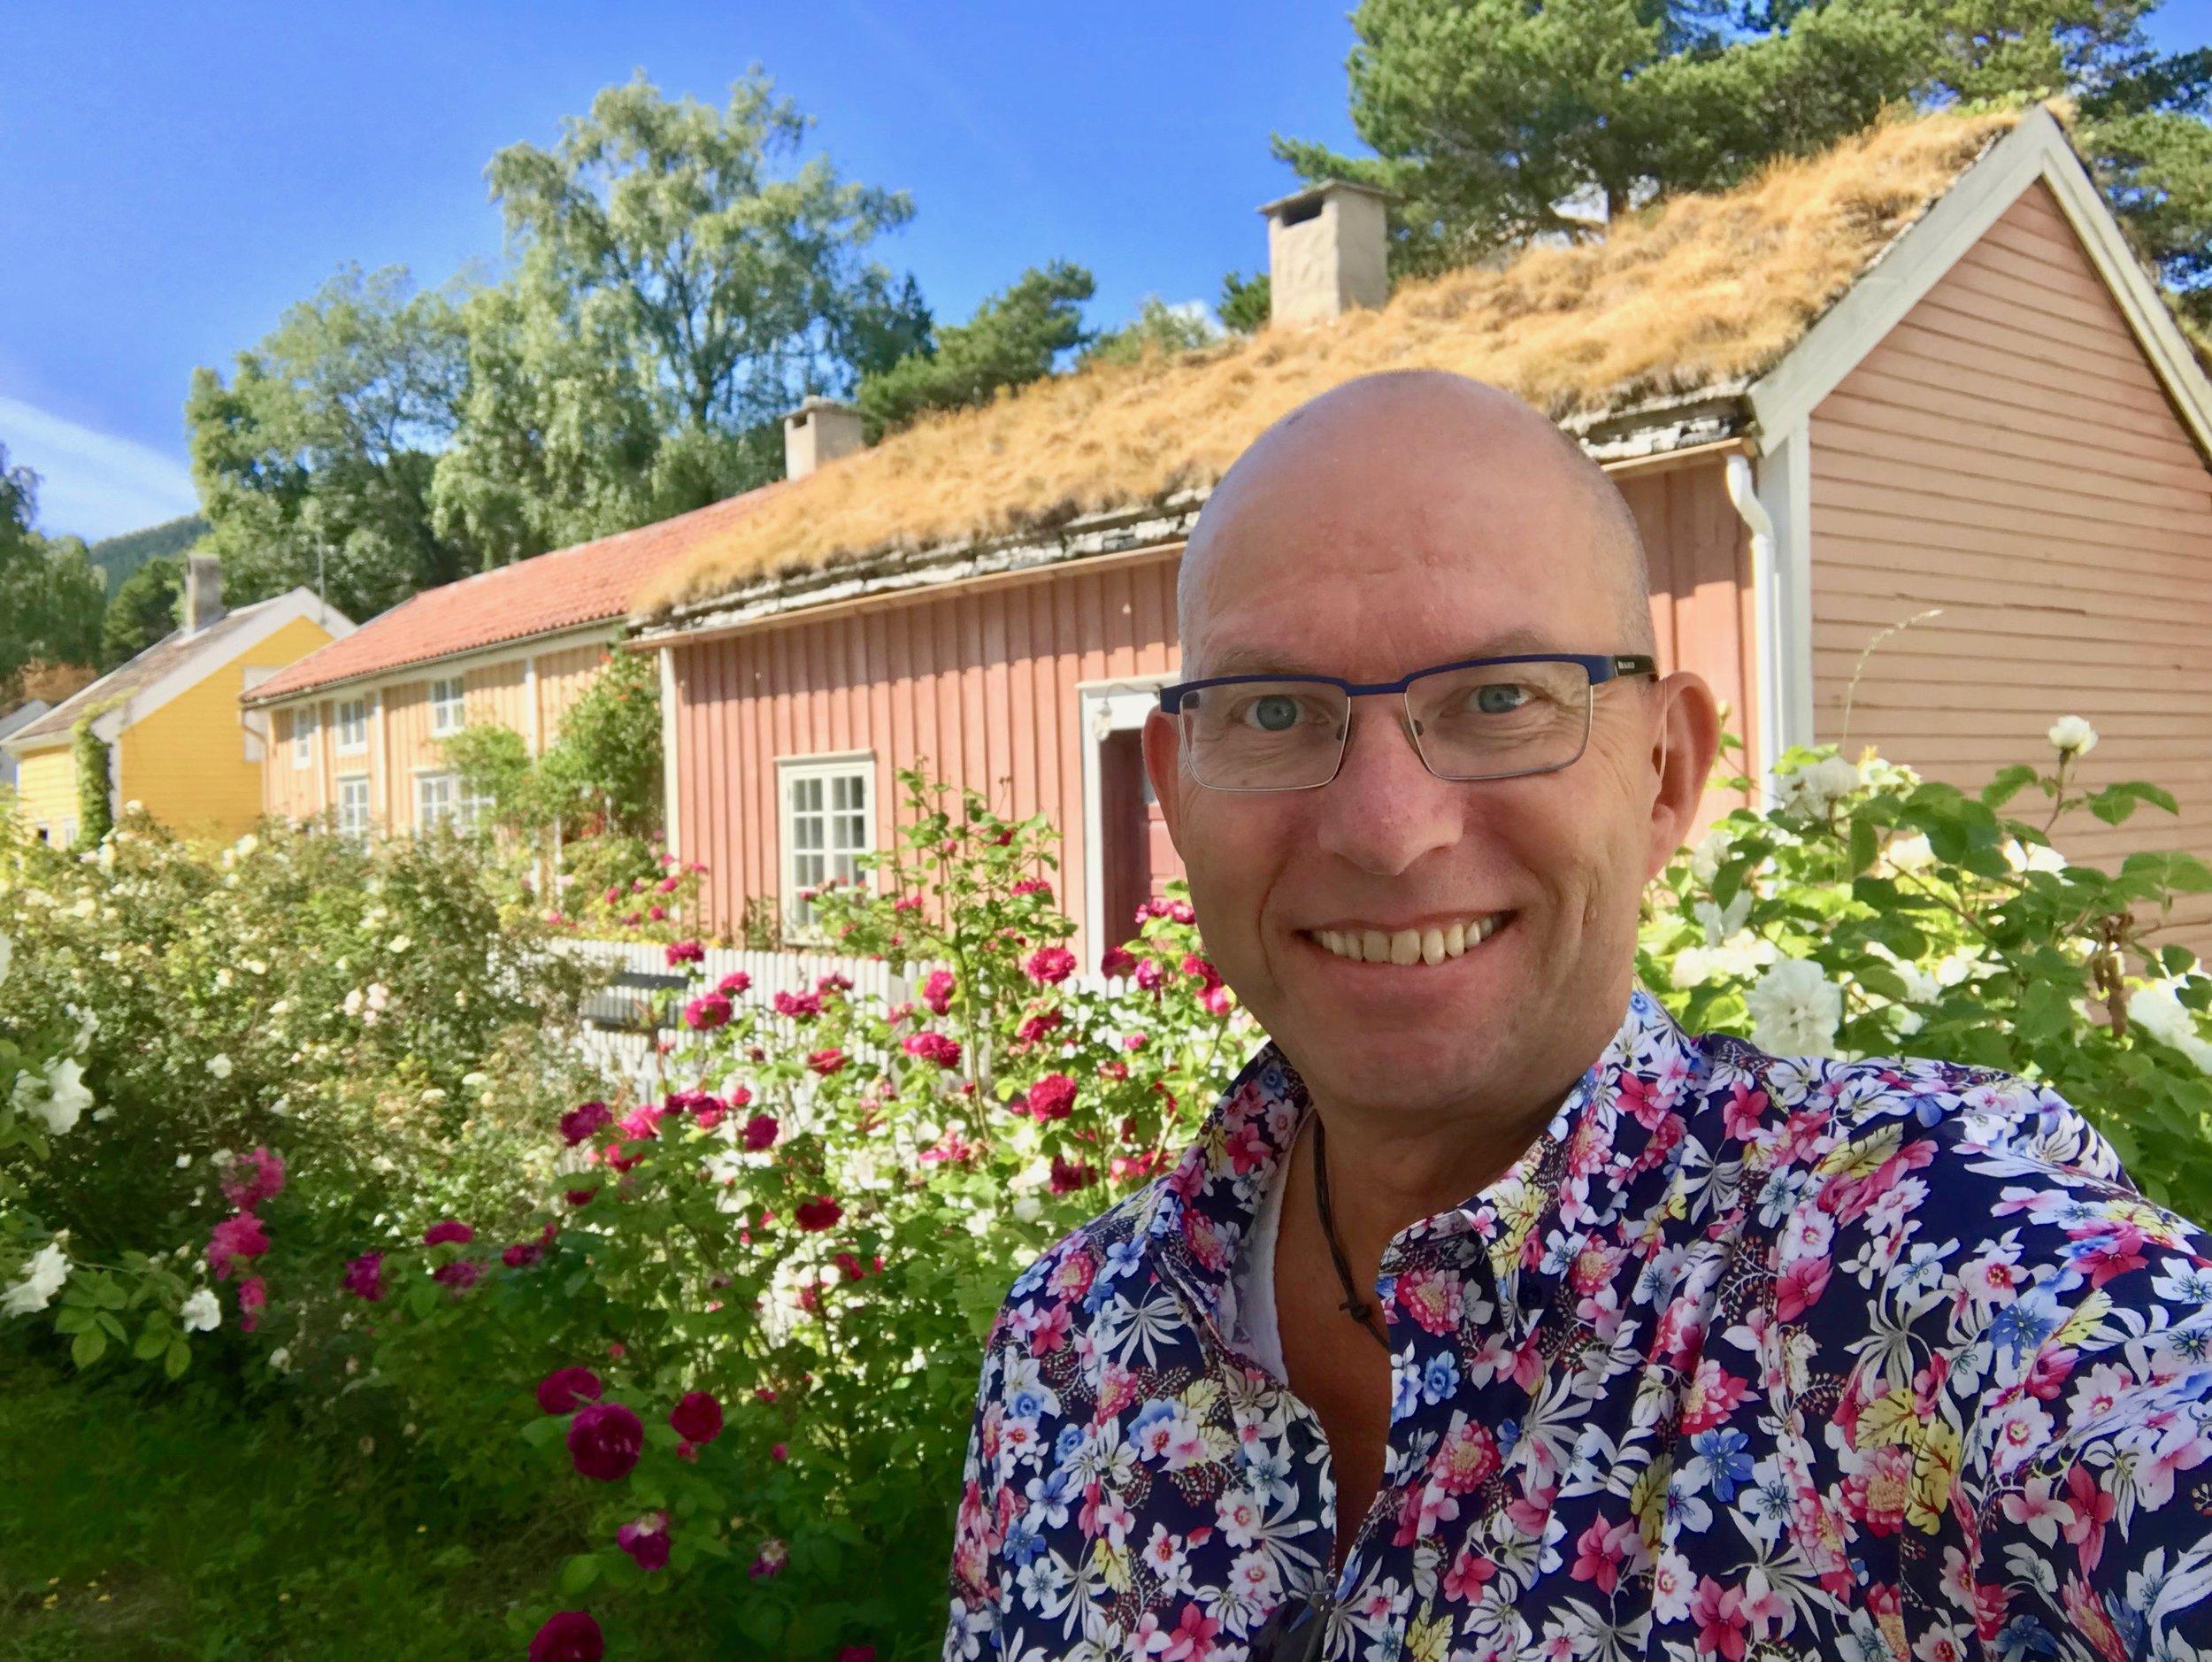 La rosene blomstre i Molde. Mens cruise- og hotellgjester bidrar med en euro hver til reetablering av Rosenes by.